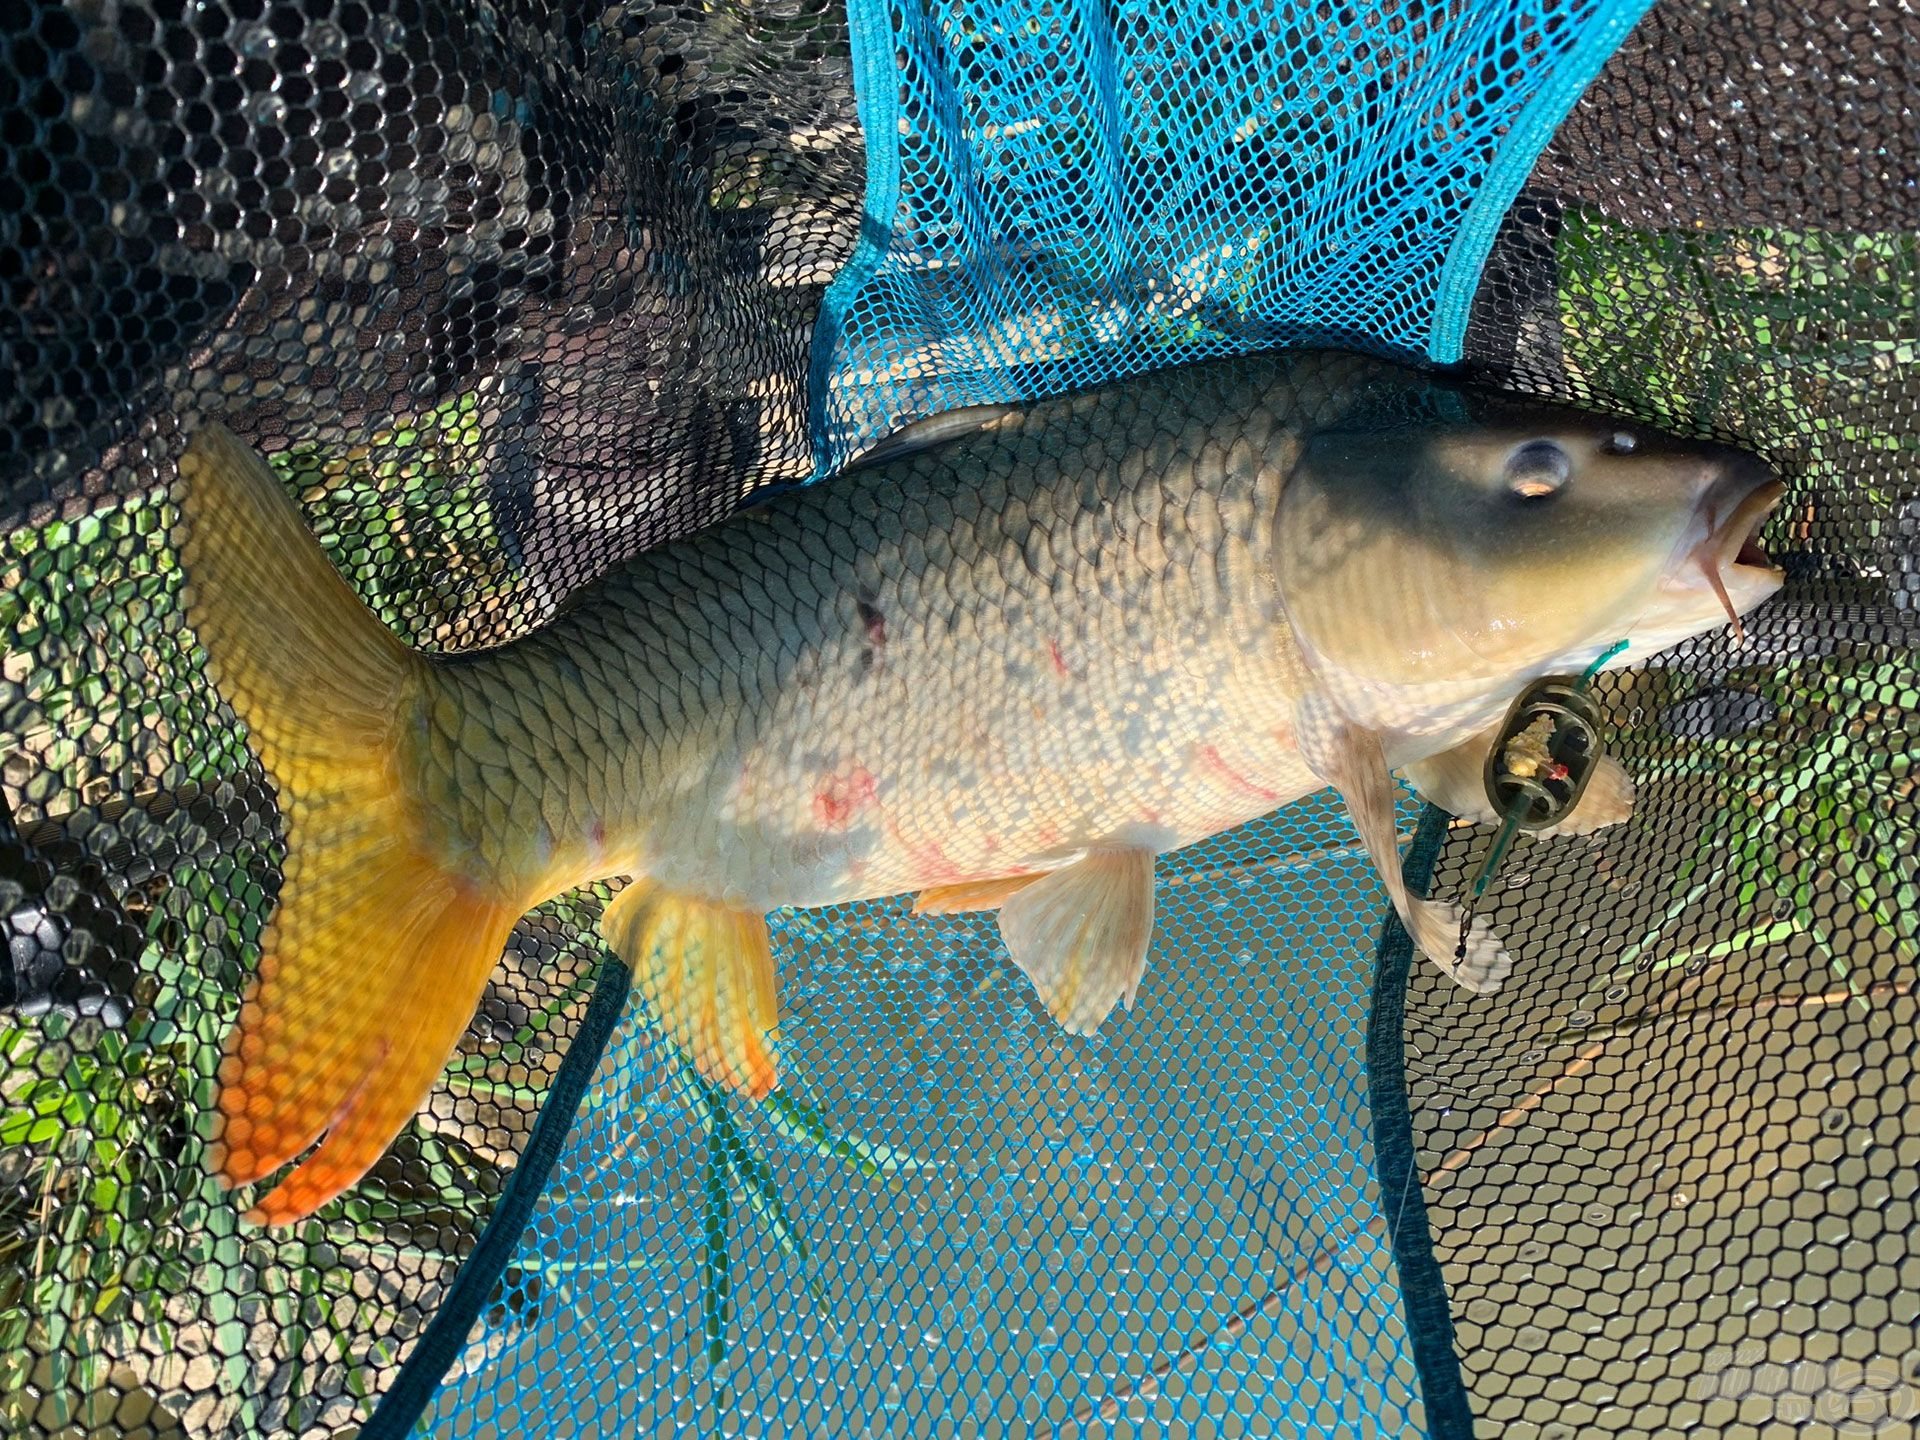 Az első hal egy szép ponty volt kb. 3 méterrel az etetés mögül